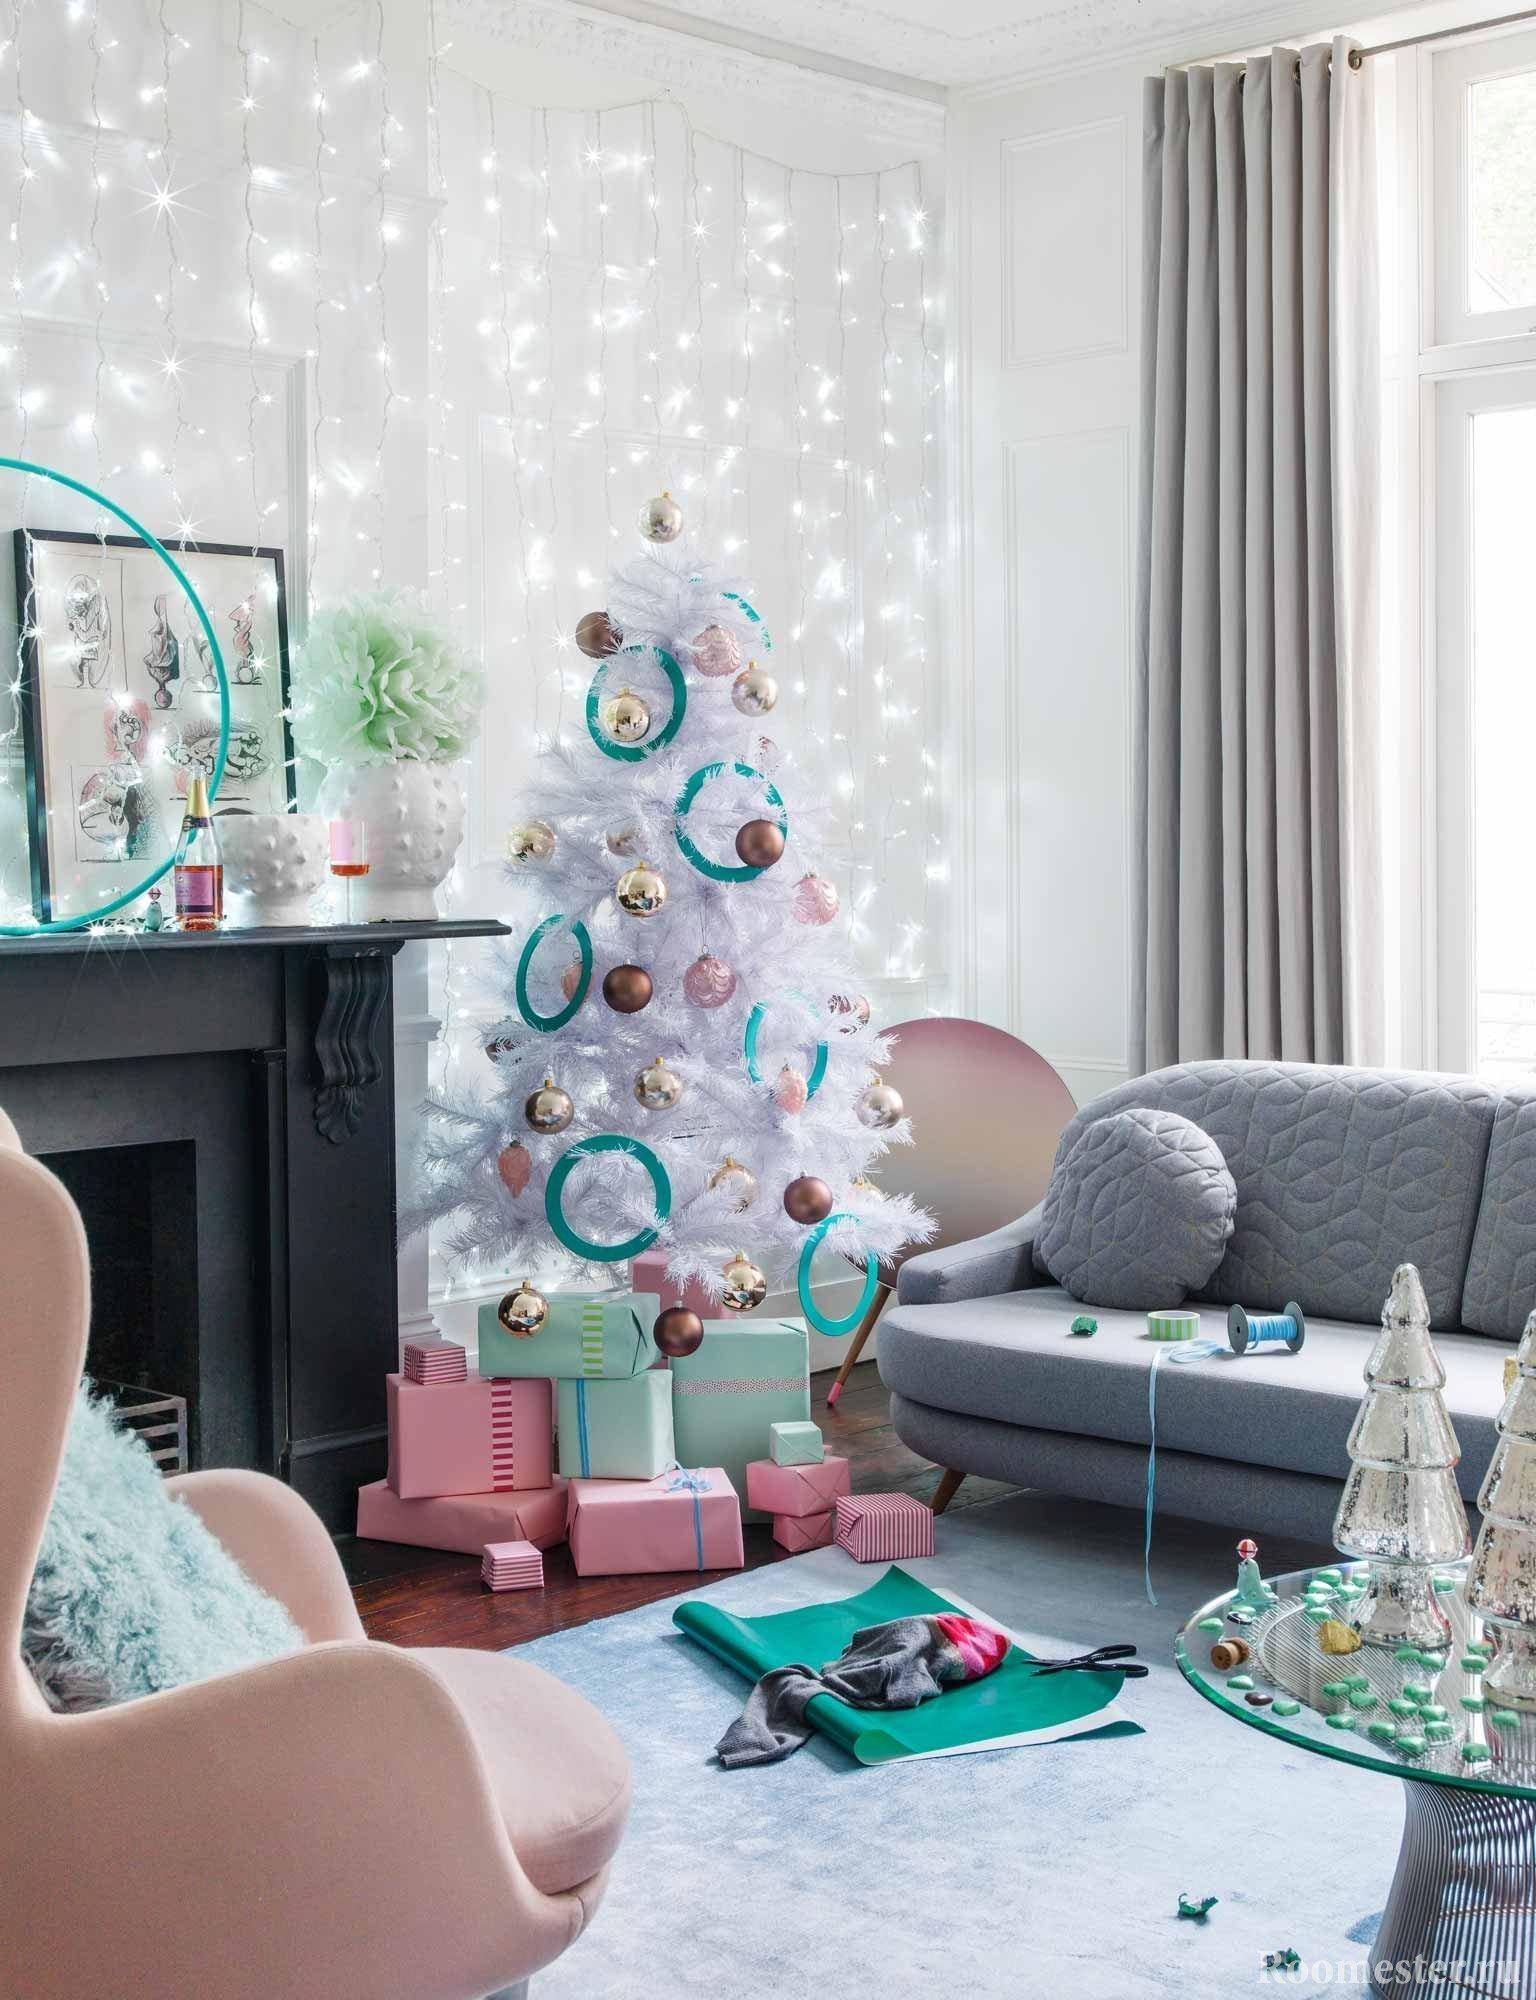 Новогодний декор дома и квартиры своими руками 70 идей на фото